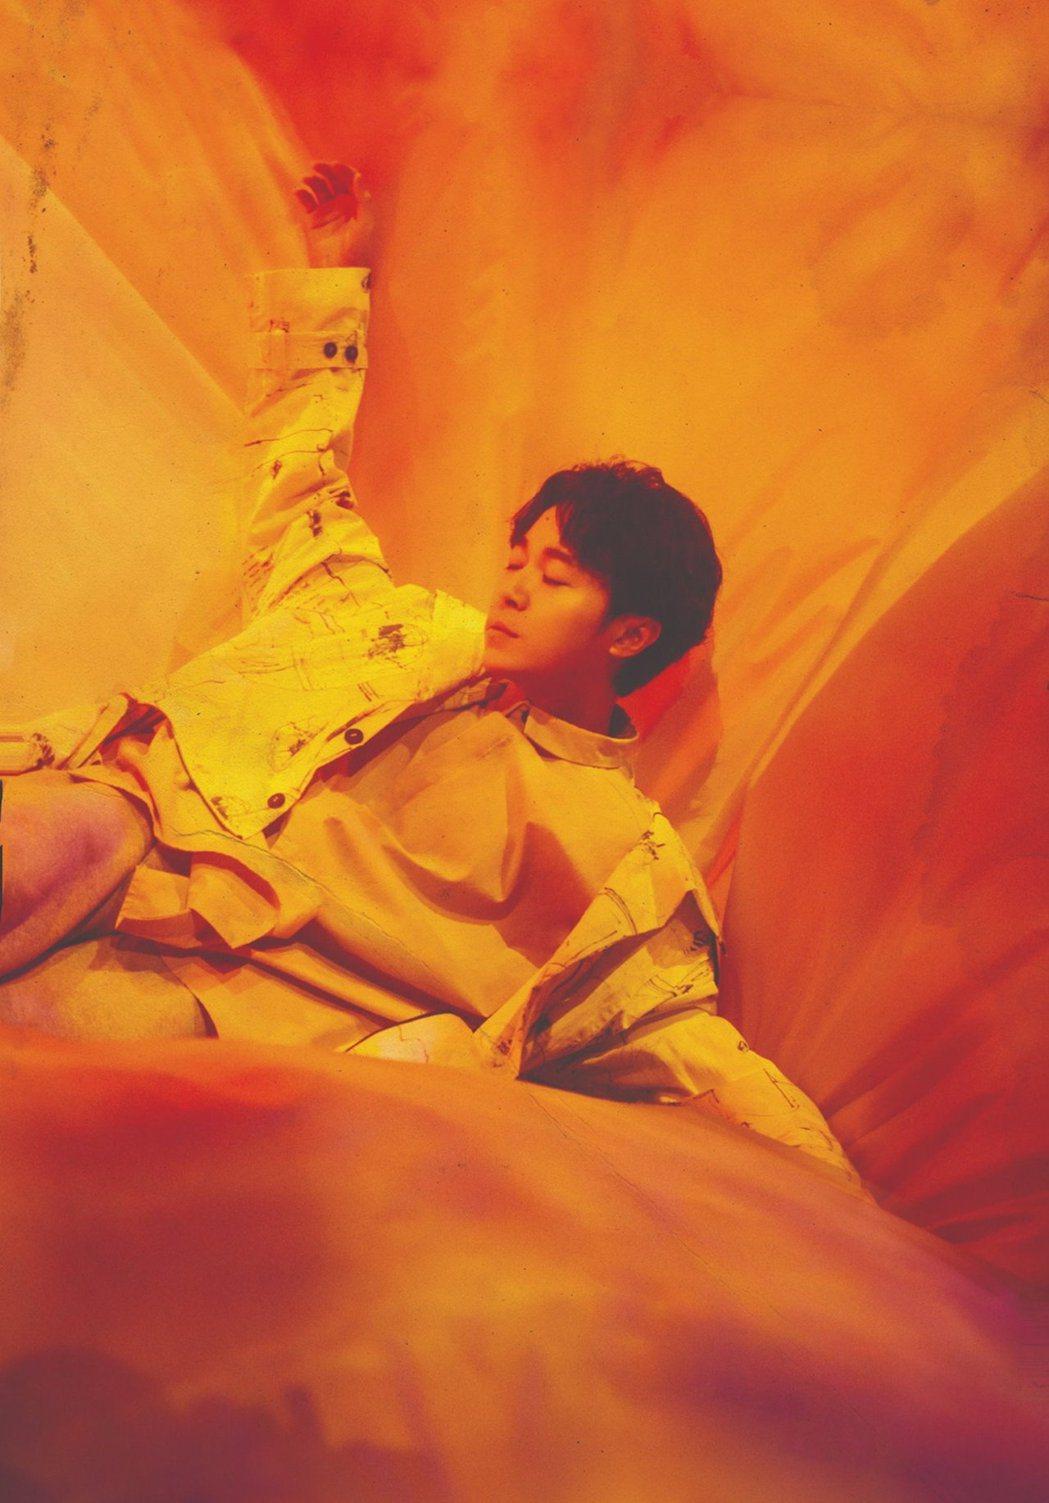 吳青峰將雲門劇場「上下冊」演唱會集結成萬言書,解析自己的「綠色迷戀」與舞台巧思。